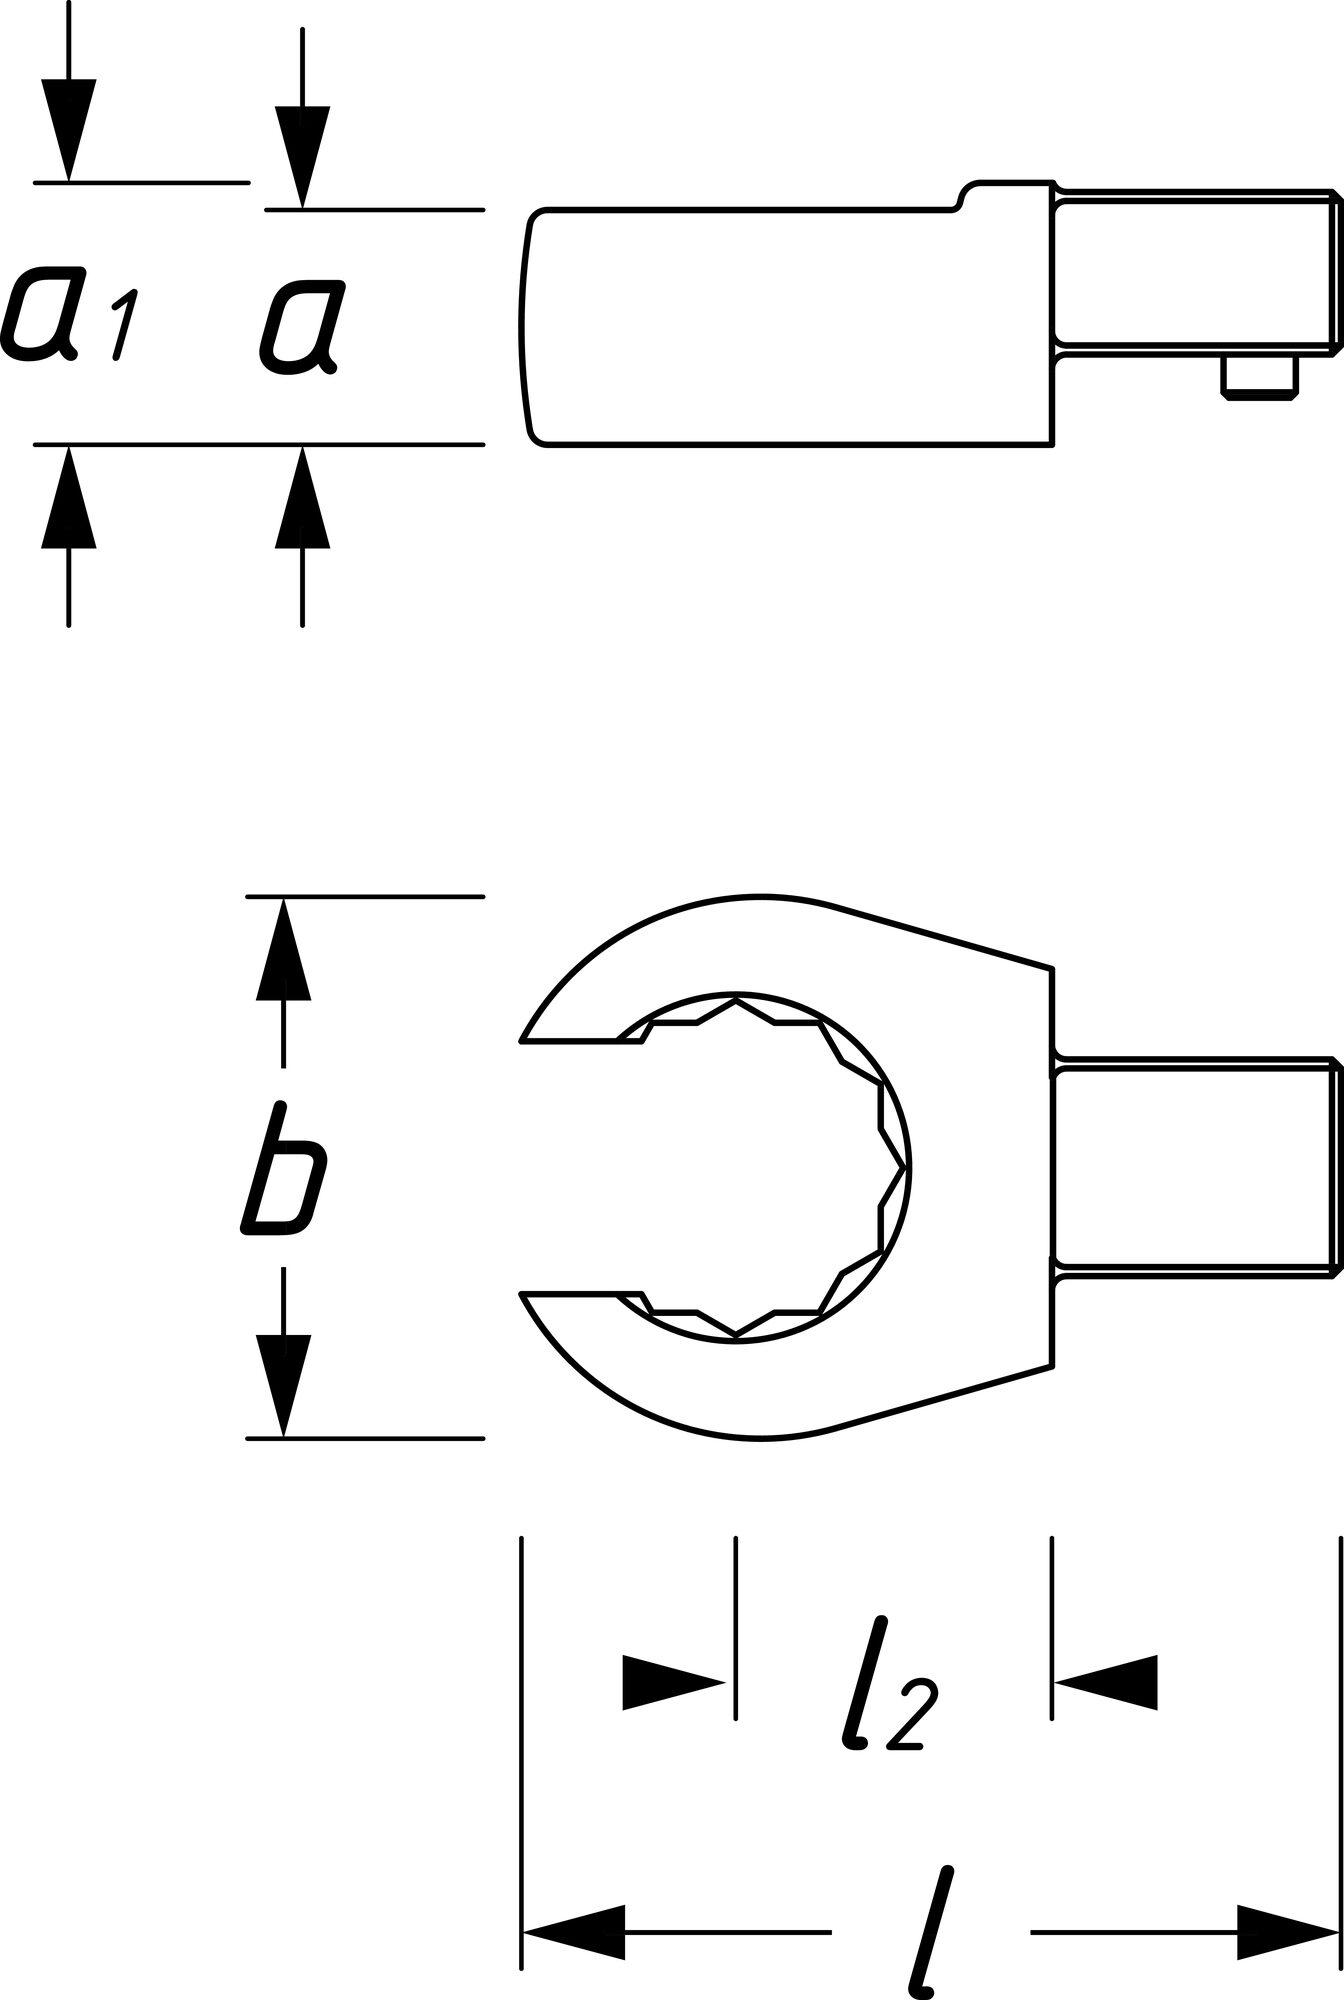 HAZET Einsteck-Ringschlüssel ∙ offen 6612C-10 ∙ Einsteck-Vierkant 9 x 12 mm ∙ Außen-Doppel-Sechskant Profil ∙ 10 mm